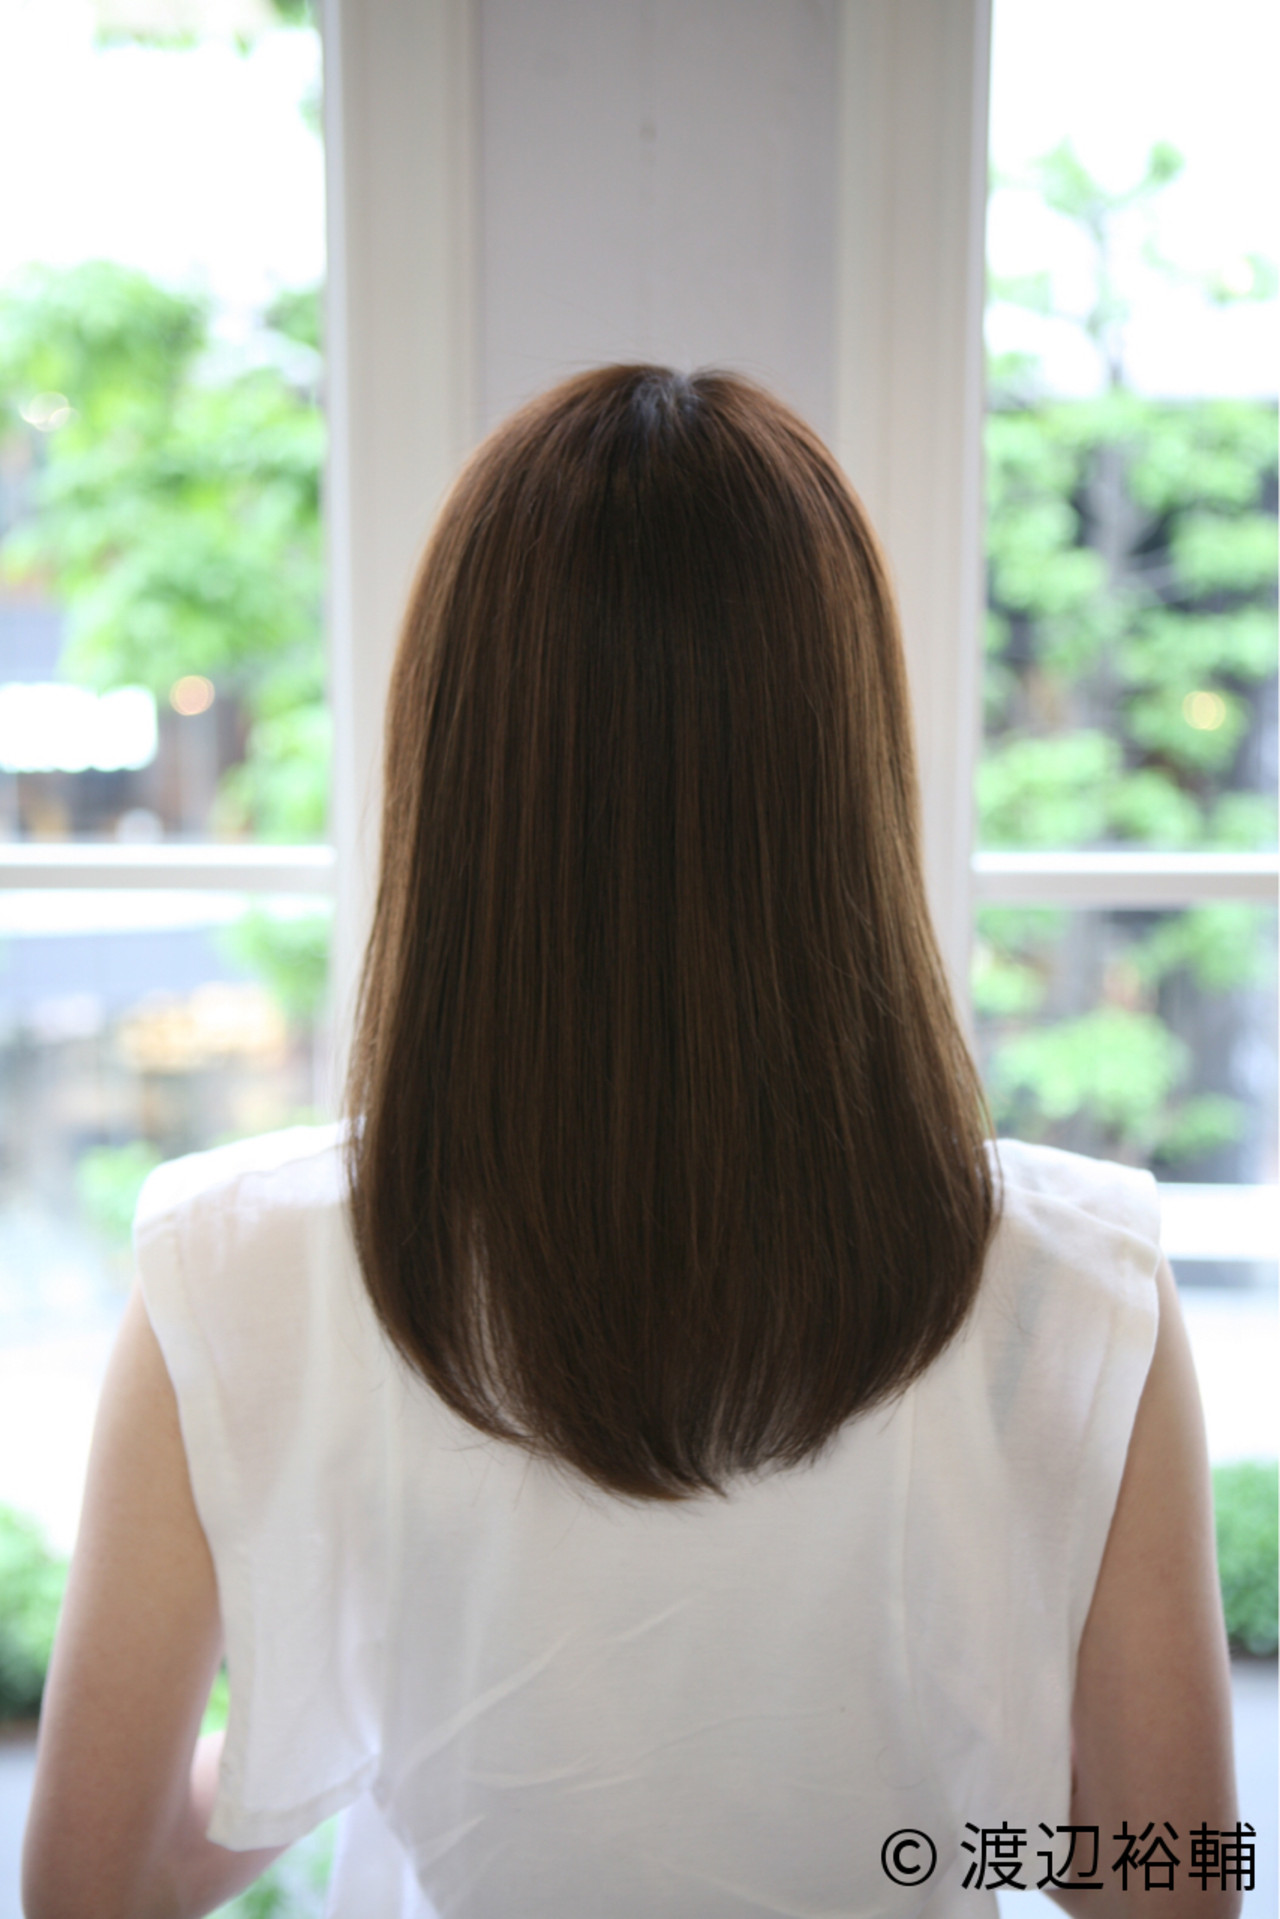 縮毛矯正とカラーは一緒にできるの?もっと詳しく知りたいヘアケア事情 渡辺裕輔